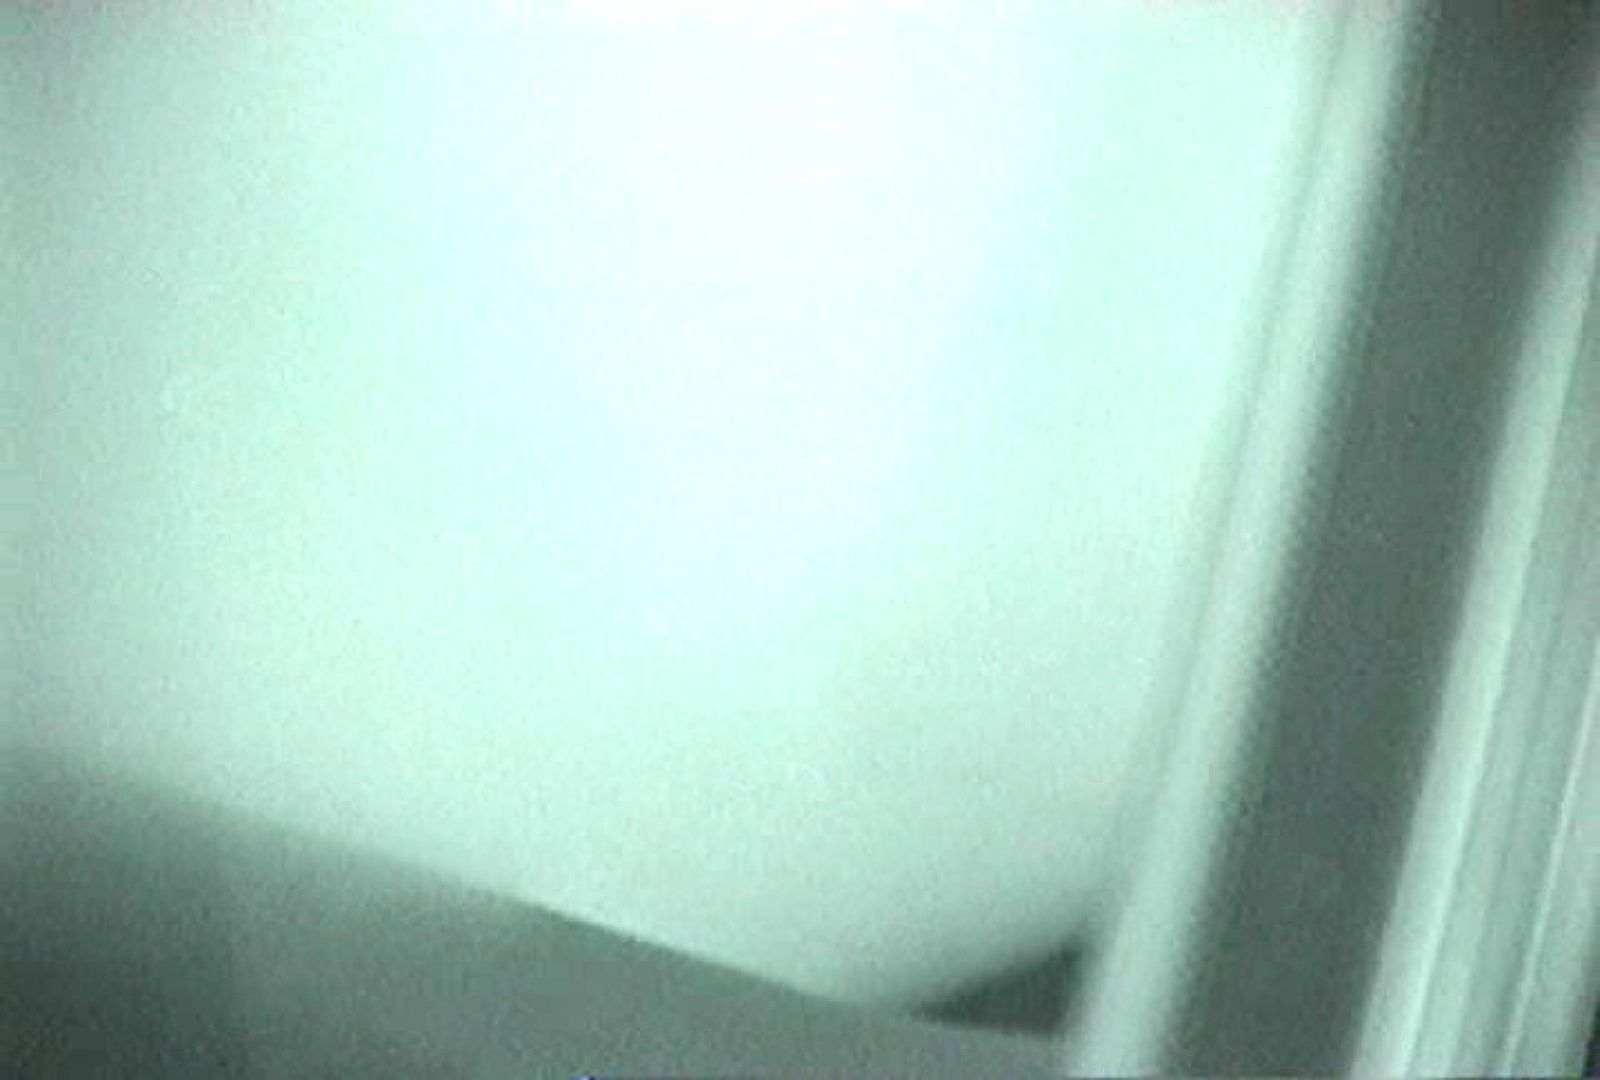 「充血監督」さんの深夜の運動会!! vol.052 OLのボディ  61PIX 54